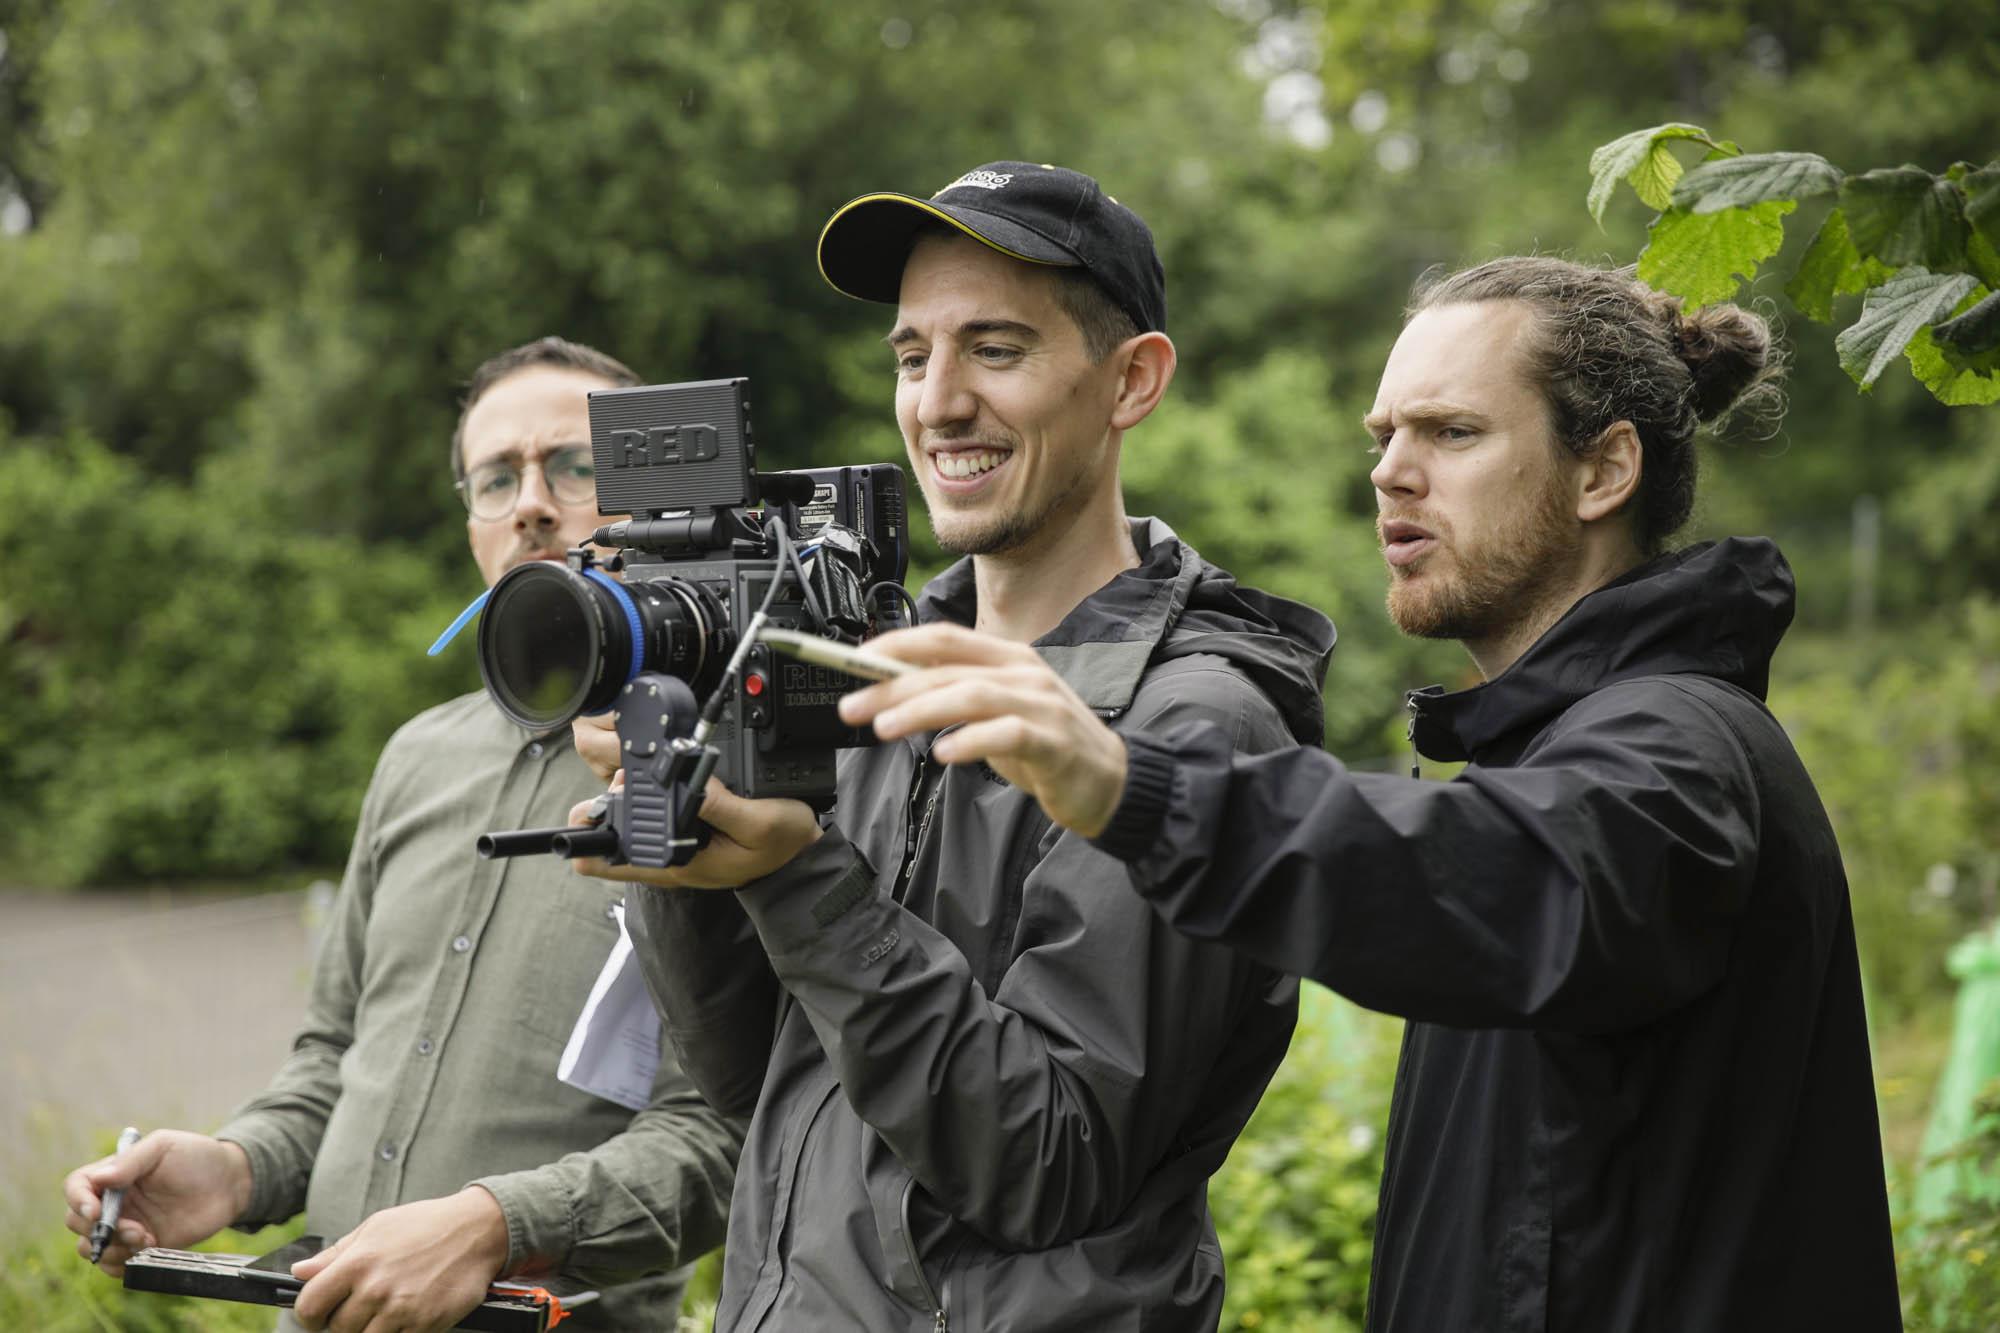 Pünt | Sebastian Klinger and Sven Schnyder on film set